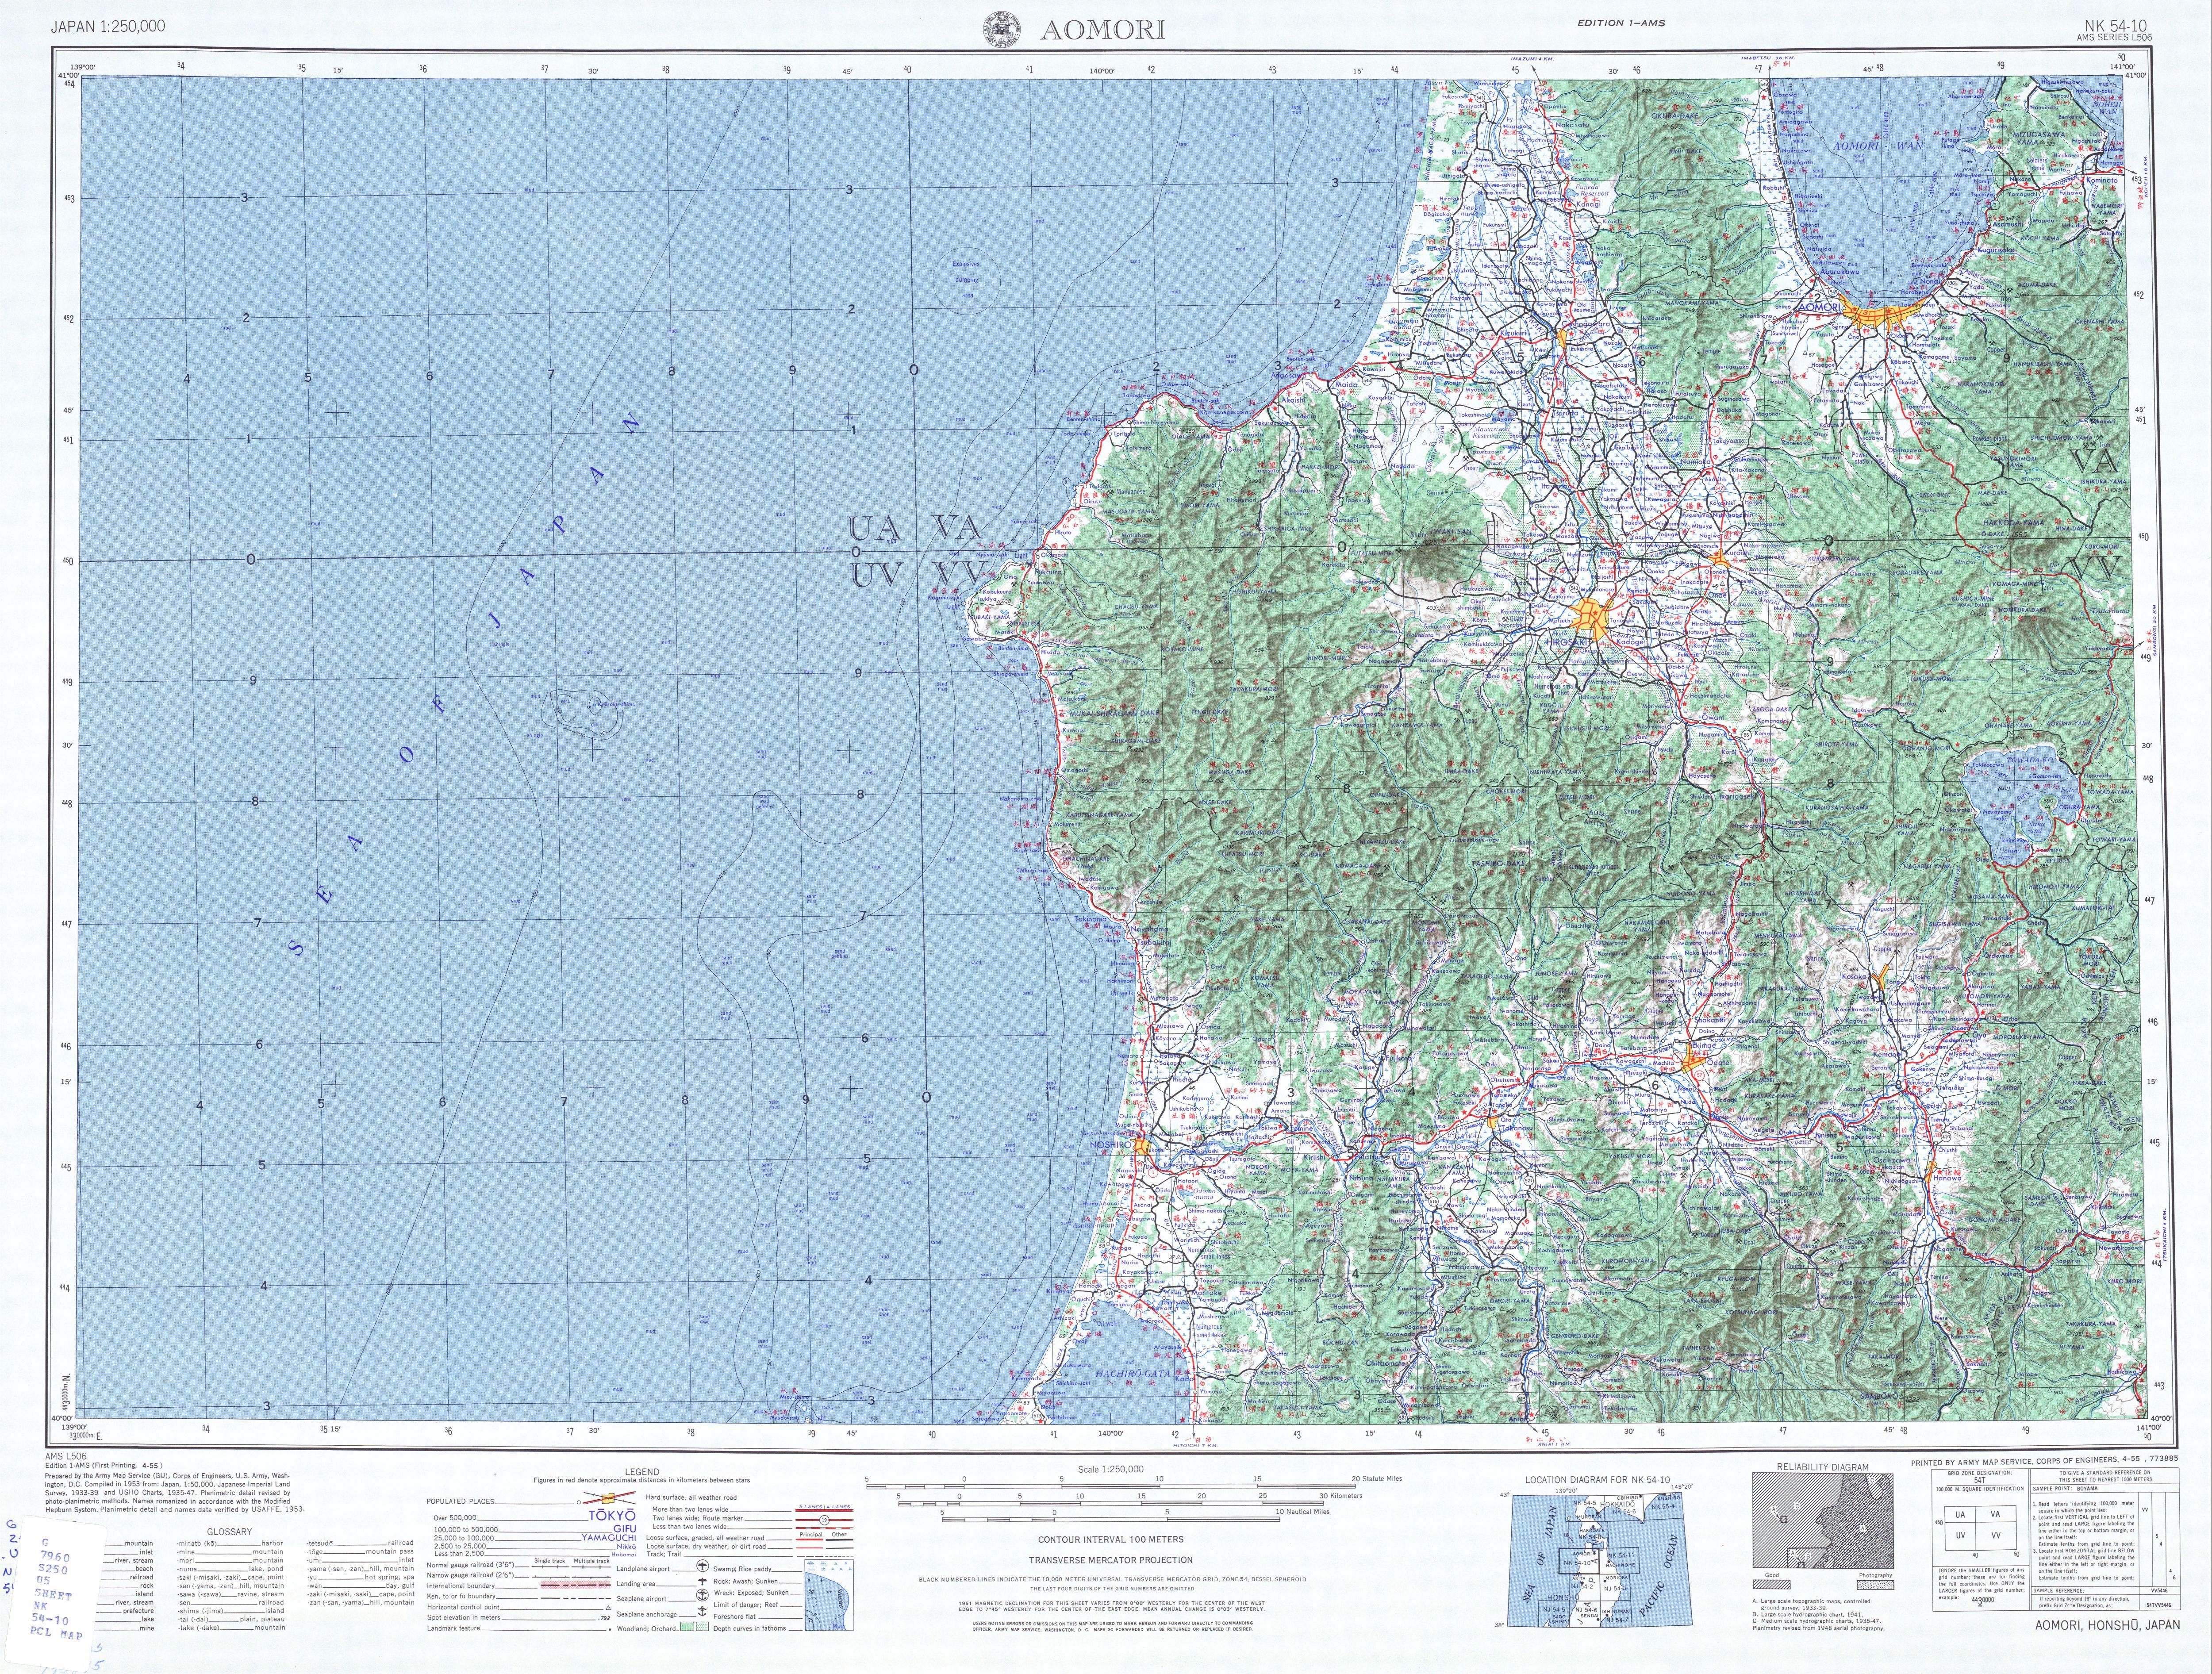 Hoja Aomori del Mapa Topográfico de Japón 1954